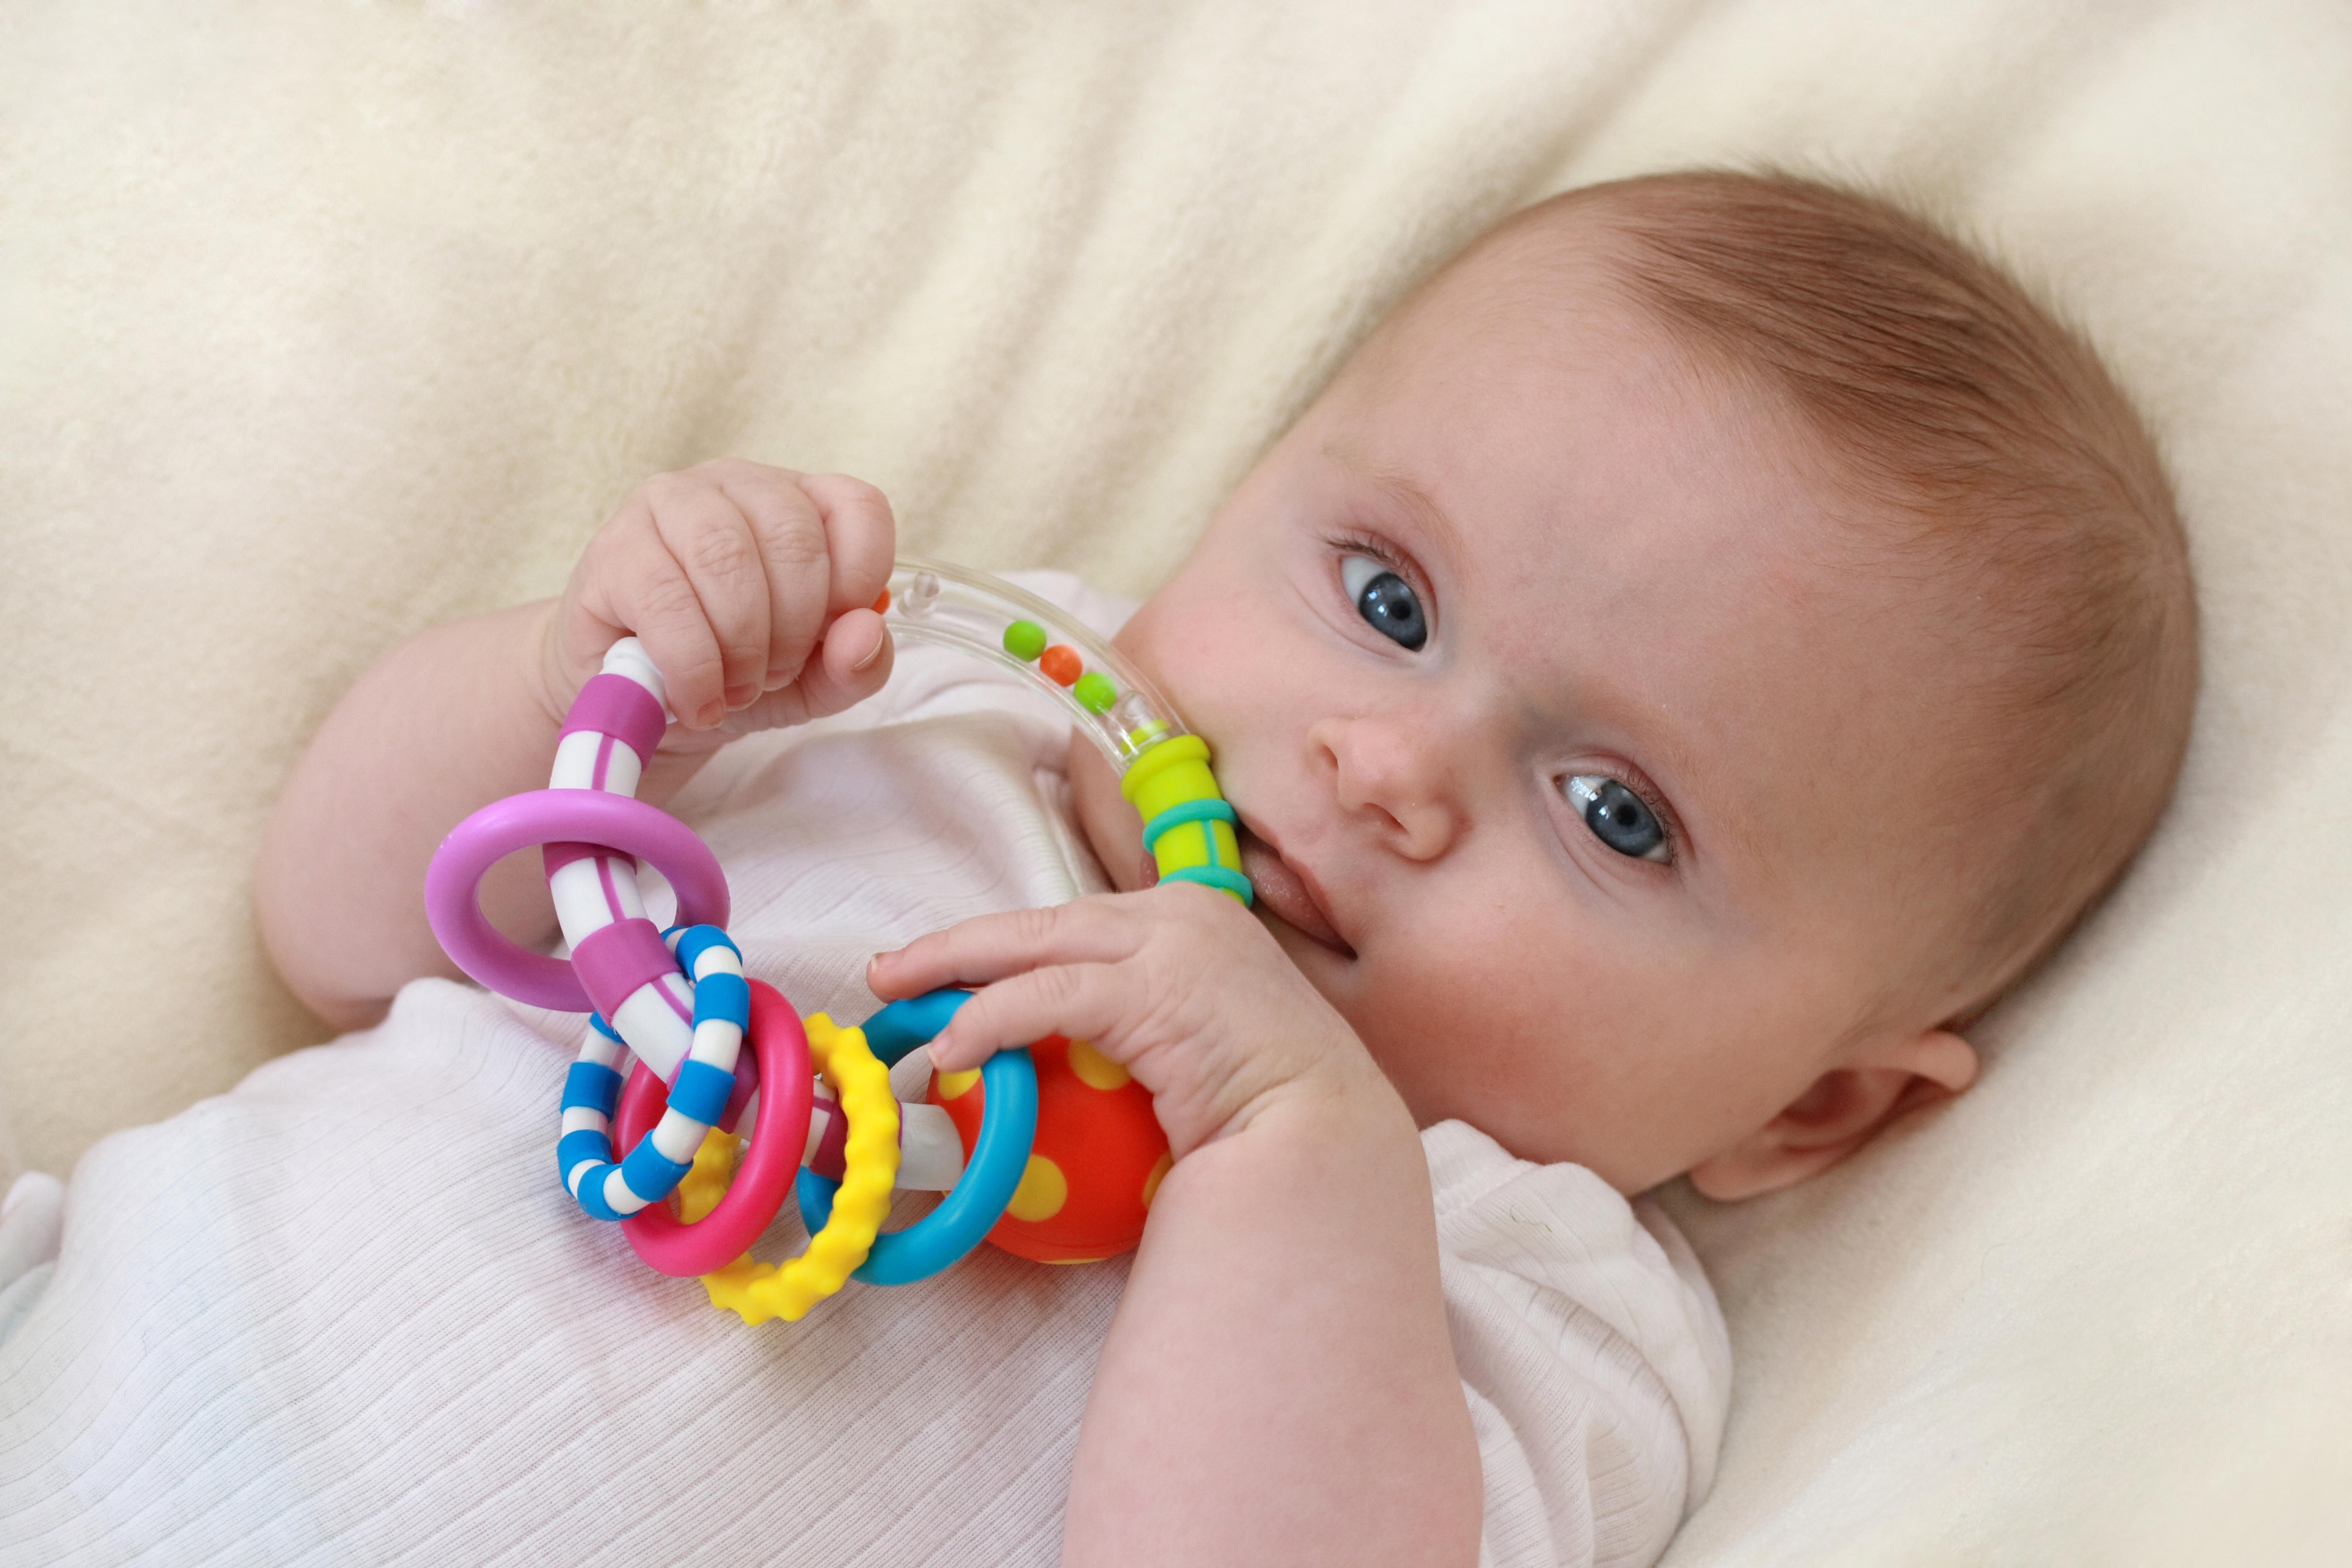 картинки малыш с погремушками наложенные